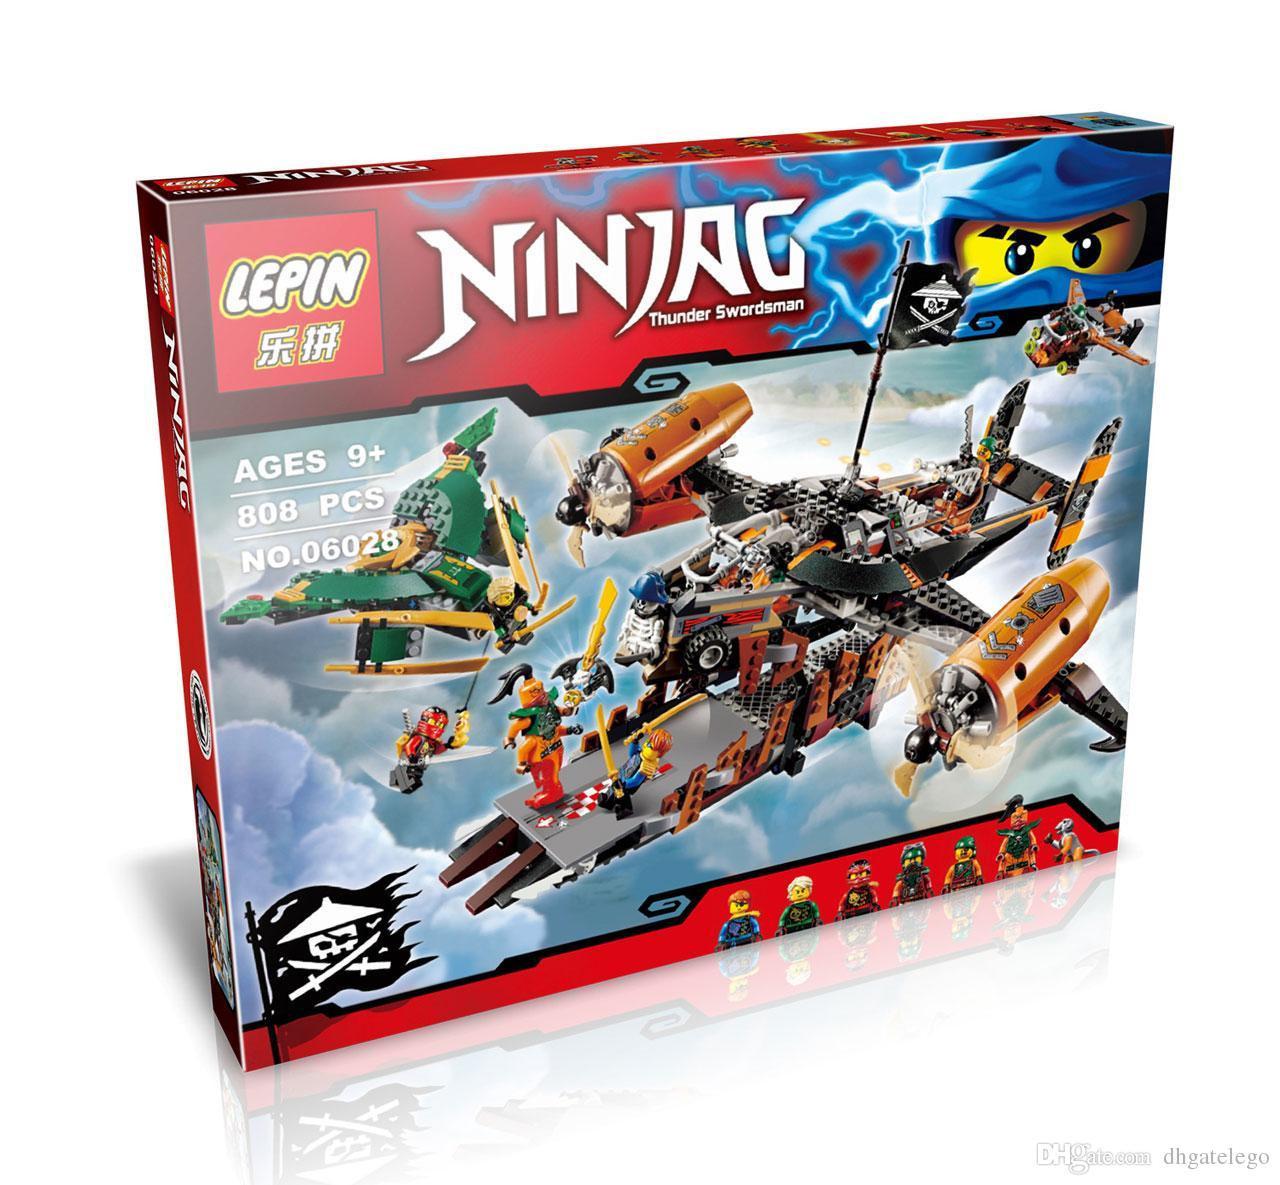 """Конструктор LEPIN 06028 Ninja (аналог Lego Ninjago 70605) """"Цитадель Нещастя"""" 808 деталей"""